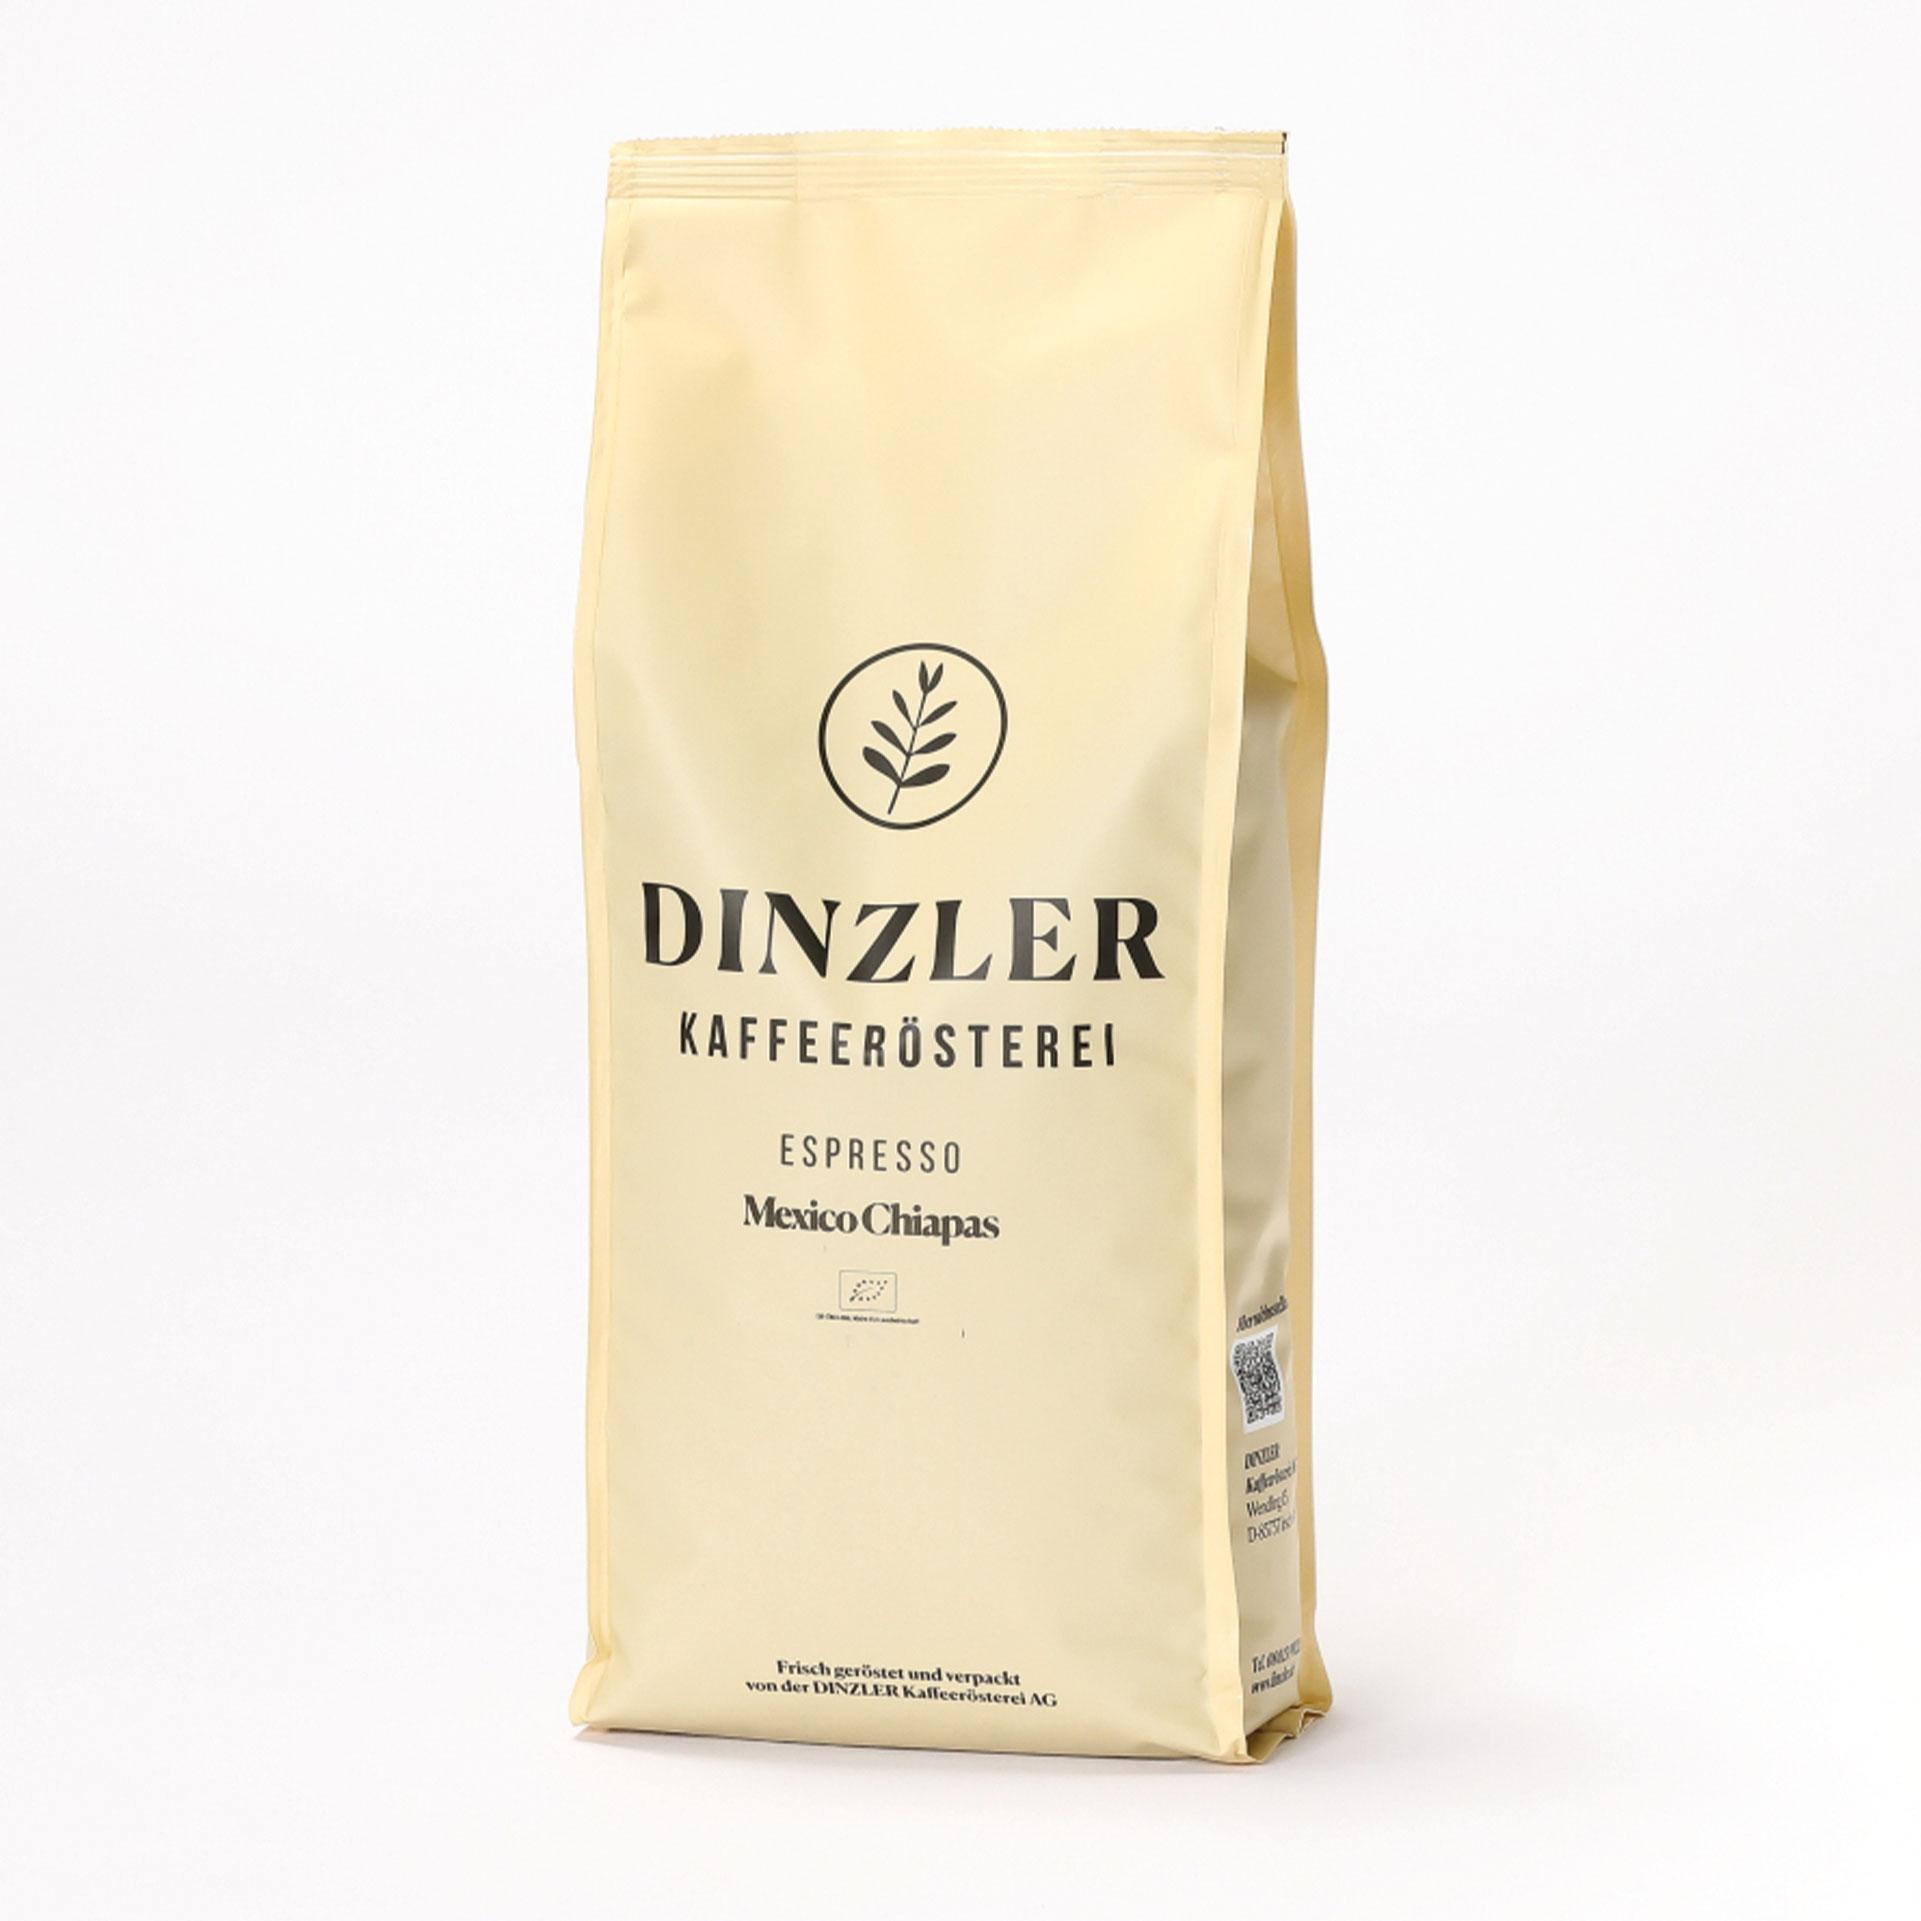 DINZLER Espresso Mexico Chiapas